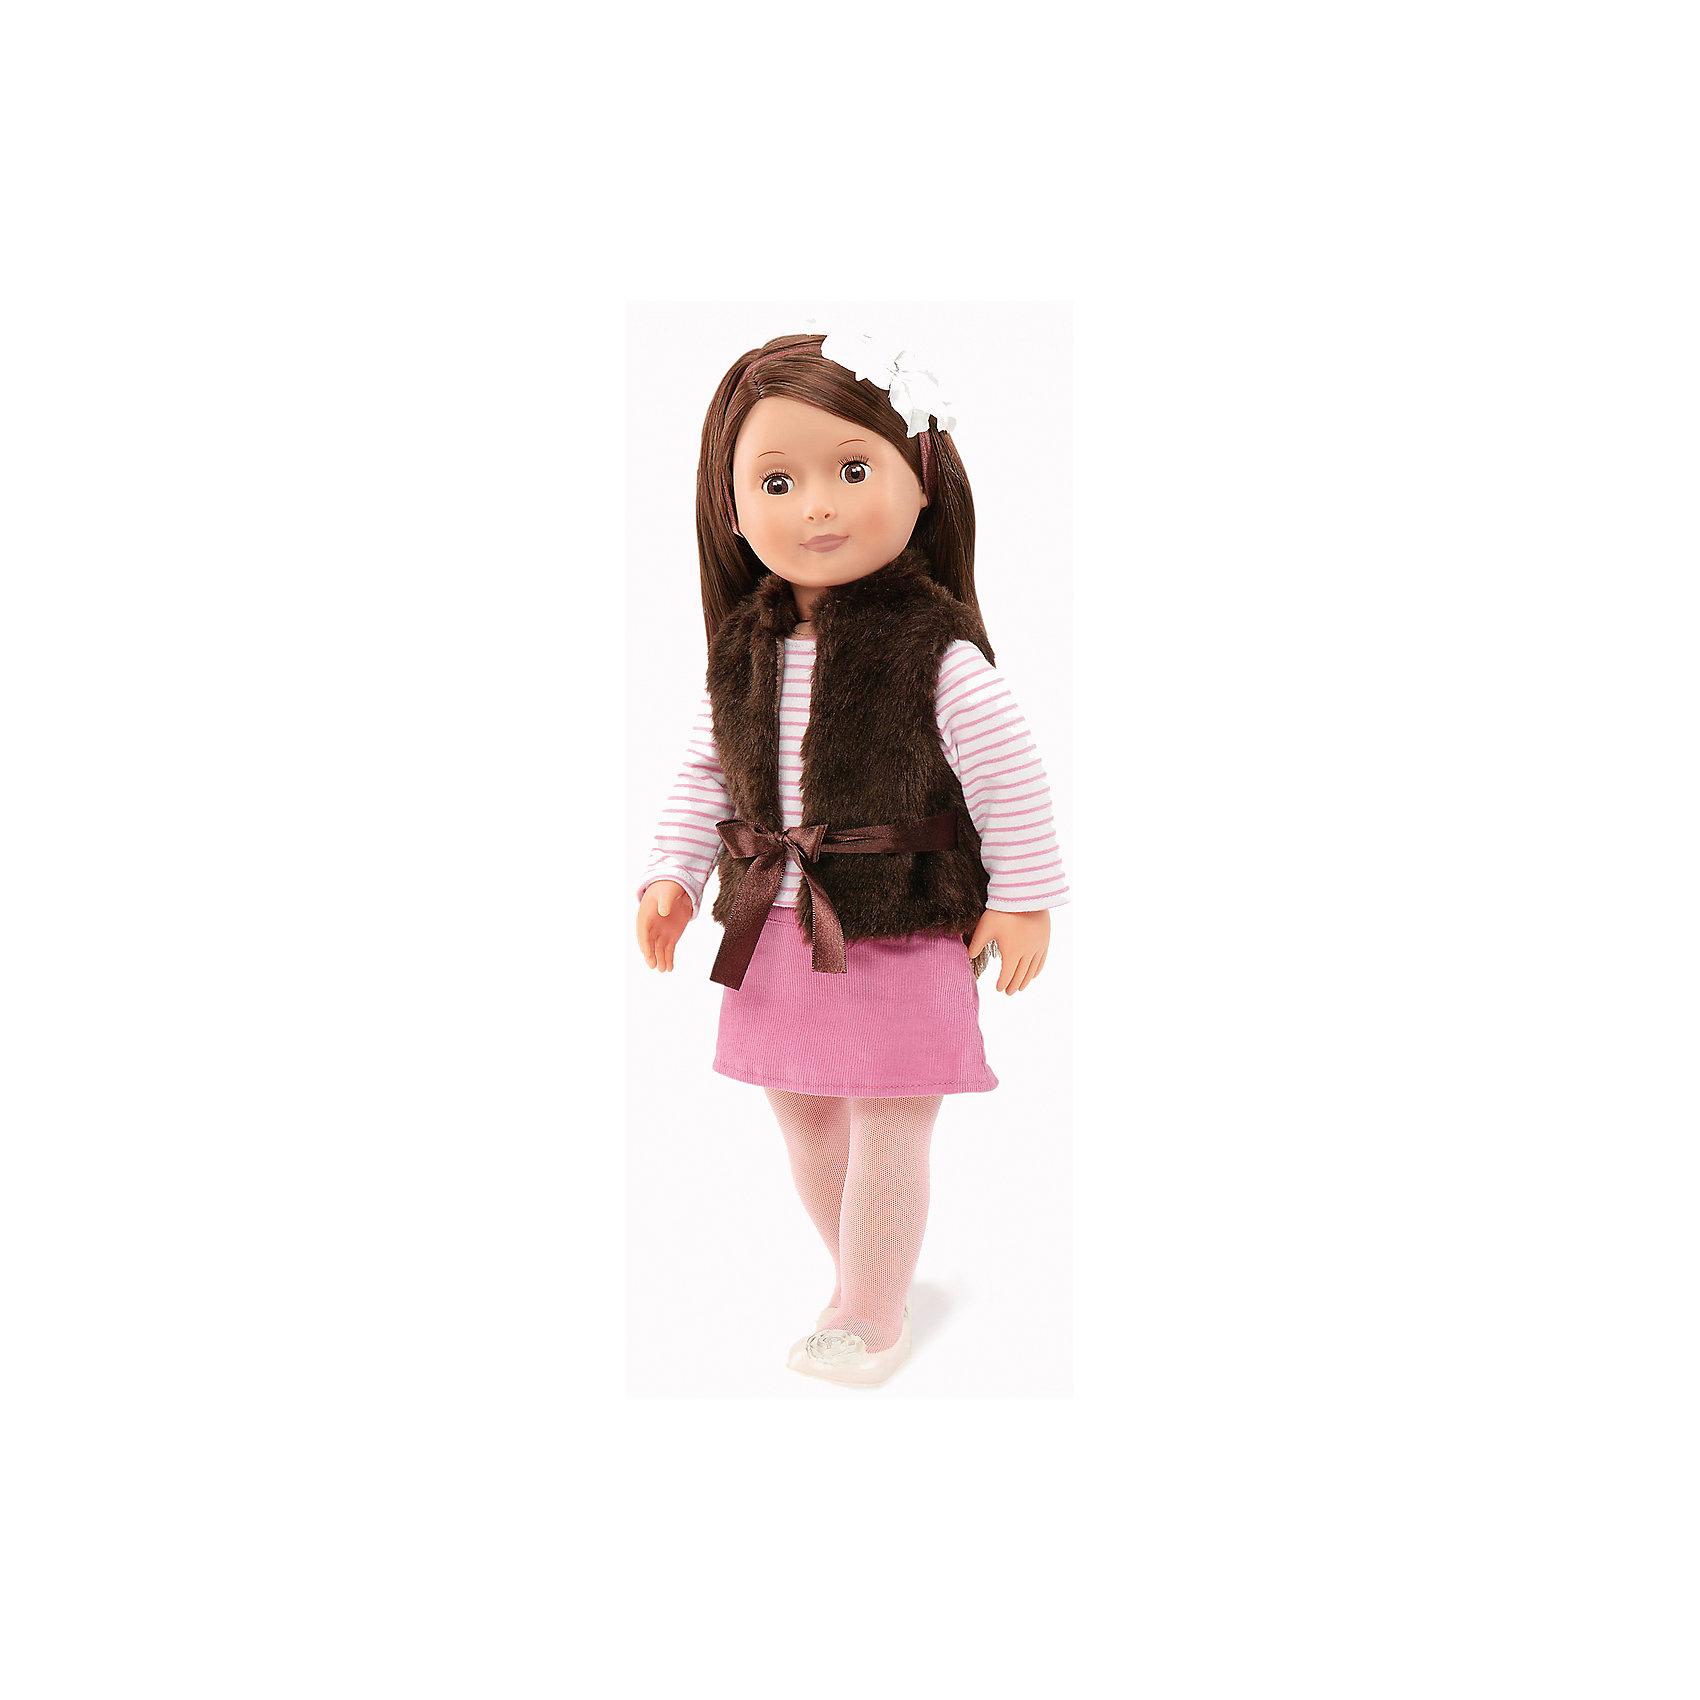 Кукла Сьена, 46 см, Our Generation DollsКуклы-модели<br>Кукла Сьена, 46 см, Our Generation Dolls (Куклы нашего поколения) ? канадская торговая марка компании Battat, которая выпускает экологически безопасных кукол и аксессуары к ним. Куклы данного производителя отличаются выразительными взглядами, мягкими чертами лица. У них подвижные все части тела, глаза закрываются.<br>Сьена – брюнетка с длинними темными волосами и карими глазами. Одета в полосатую кофточку с длинным рукавом, розовую вельветовую юбку, белые туфли и белые колготки. Поверх кофты на Сьене коричневая меховая жилетка на завязках. На голове – белая повязка с цветком. Кукла Сьена непременно станет любимой куклой вашей девочки, особое удовольствие ей доставит делать прически из длинных волос или заплетать косы.<br>Кукла Сьена, 46 см, Our Generation Dolls (Куклы нашего поколения) упакована в подарочную картонную коробку. Играя в куклы, девочка учится заботиться о близких и быть внимательной. <br><br>Дополнительная информация:<br><br>- Вид игр: сюжетно-ролевые<br>- Предназначение: для дома<br>- Материал: пластик, текстиль<br>- Высота куклы: 46 см<br>- Вес: 1 кг 100 г<br>- Особенности ухода: разрешается мыть в теплой мыльной воде<br><br>Подробнее:<br><br>• Для детей в возрасте: от 3 лет<br>• Страна производитель: Китай<br>• Торговый бренд: Our Generation Dolls<br><br>Куклу Сьену, 46 см, Our Generation Dolls (Куклы нашего поколения) можно купить в нашем интернет-магазине.<br><br>Ширина мм: 26<br>Глубина мм: 13<br>Высота мм: 51<br>Вес г: 1500<br>Возраст от месяцев: 36<br>Возраст до месяцев: 2147483647<br>Пол: Унисекс<br>Возраст: Детский<br>SKU: 4871813